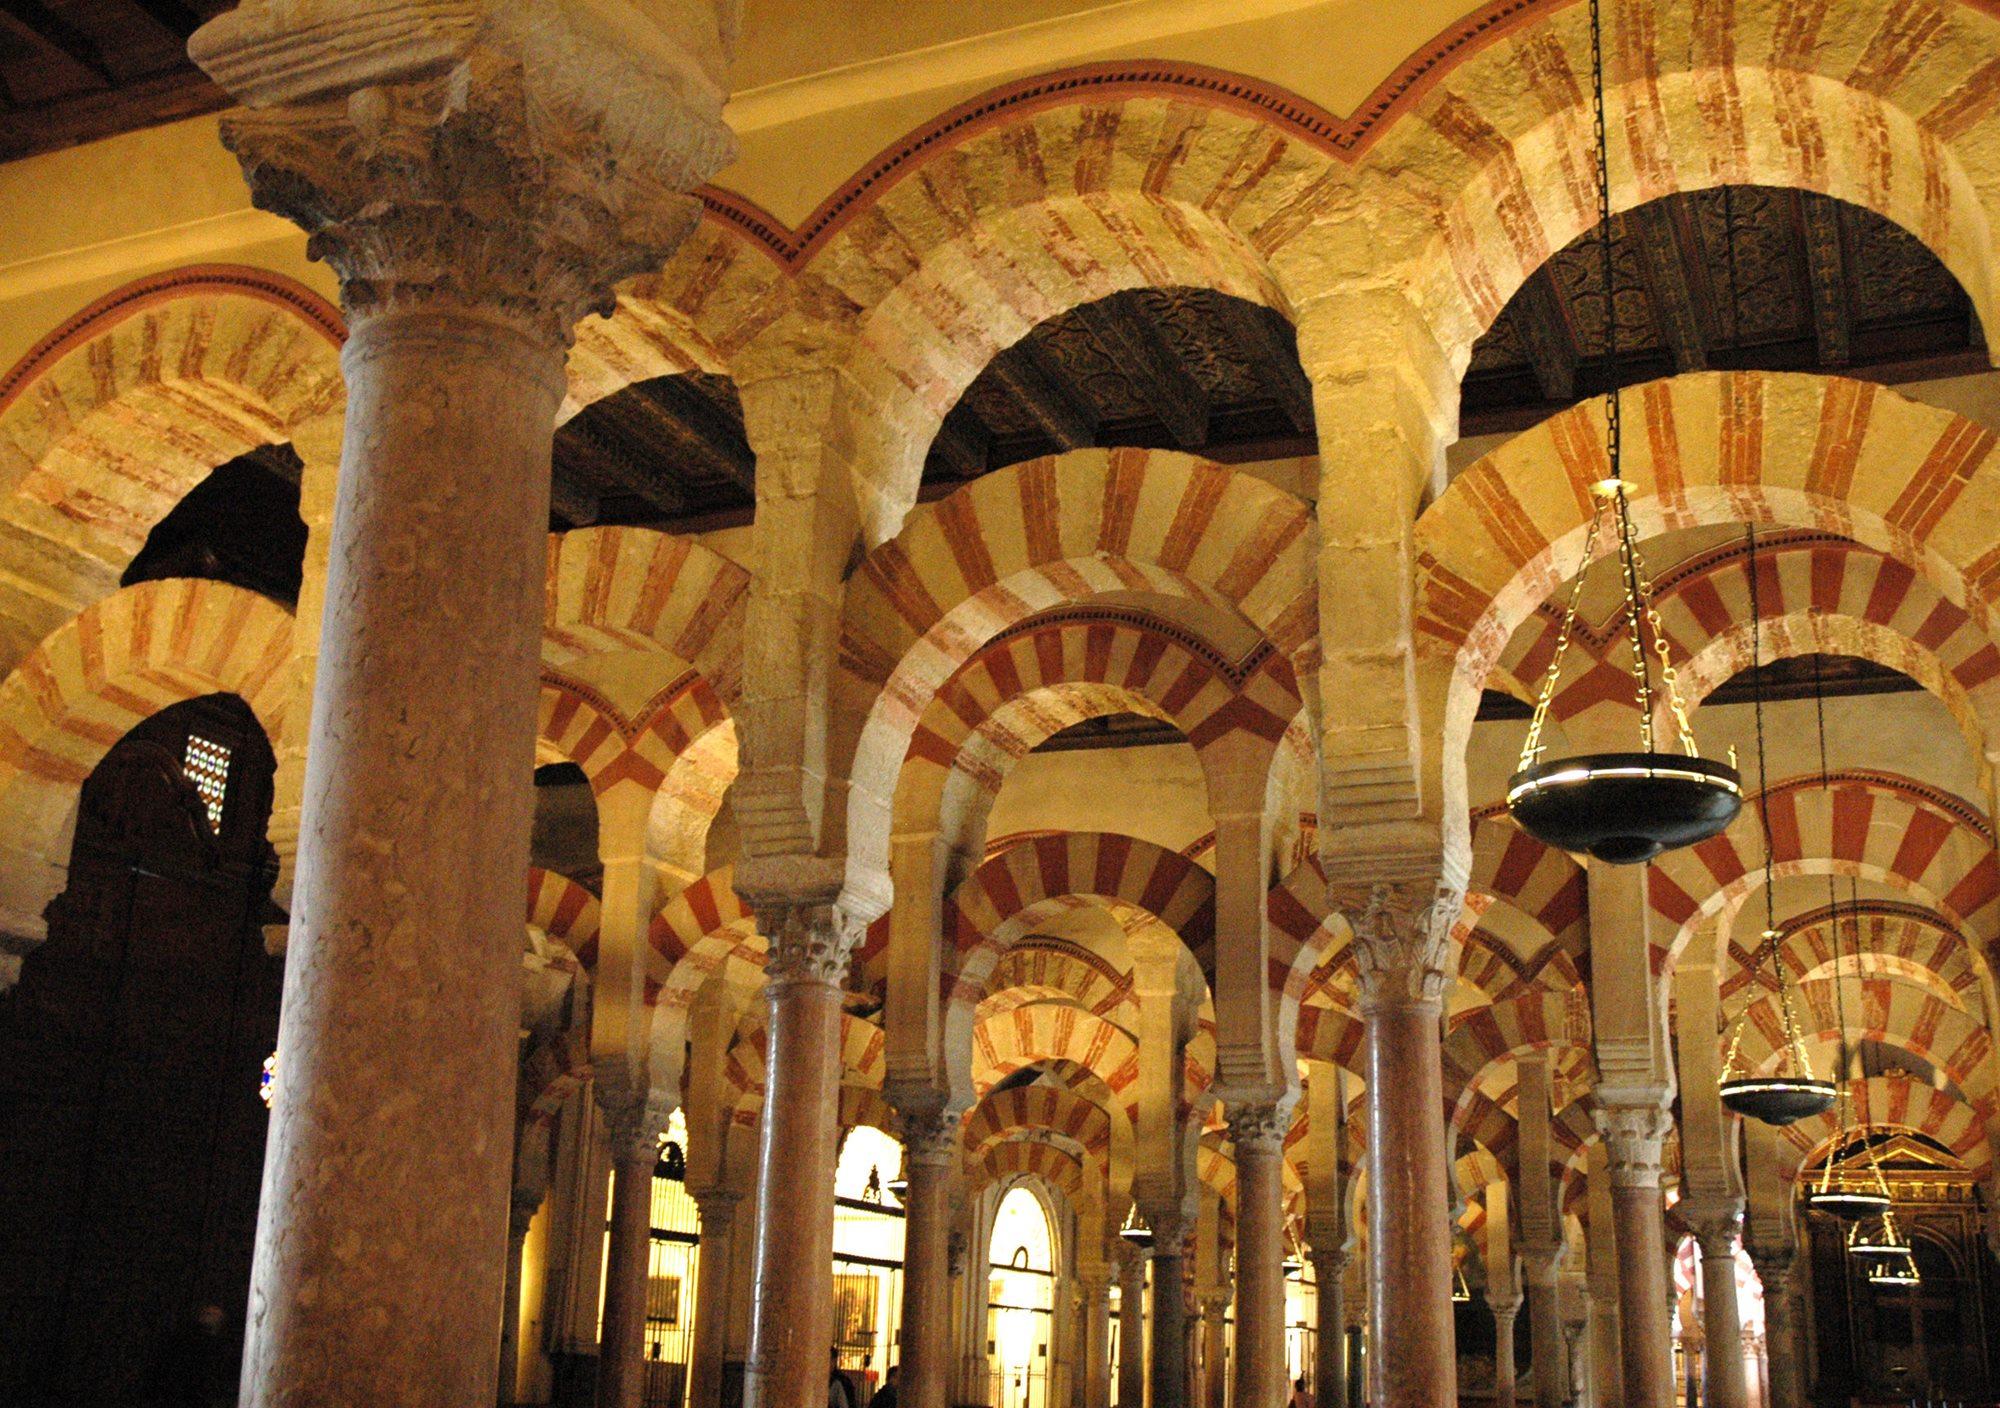 Mezquita cordoba visita nocturna mezquita de cordoba autor cordobaviva with mezquita cordoba - Visita mezquita cordoba nocturna ...